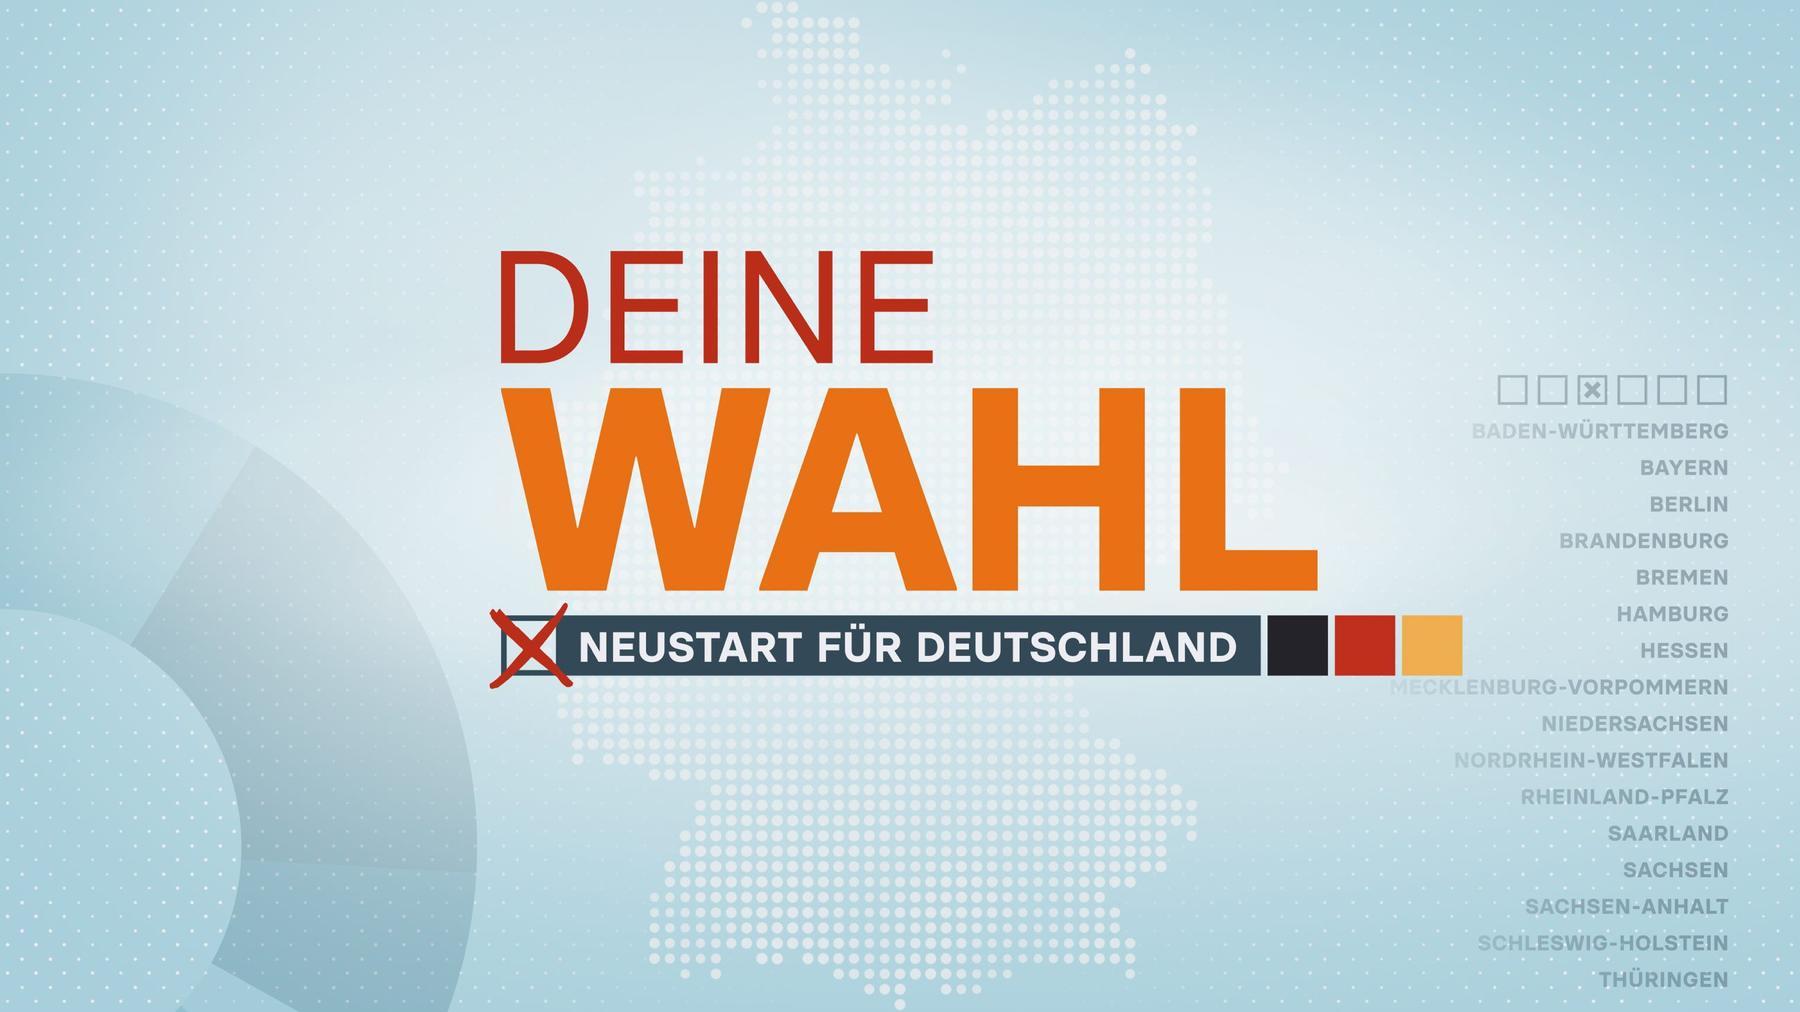 Neustart für Deutschland - Die Entscheidung